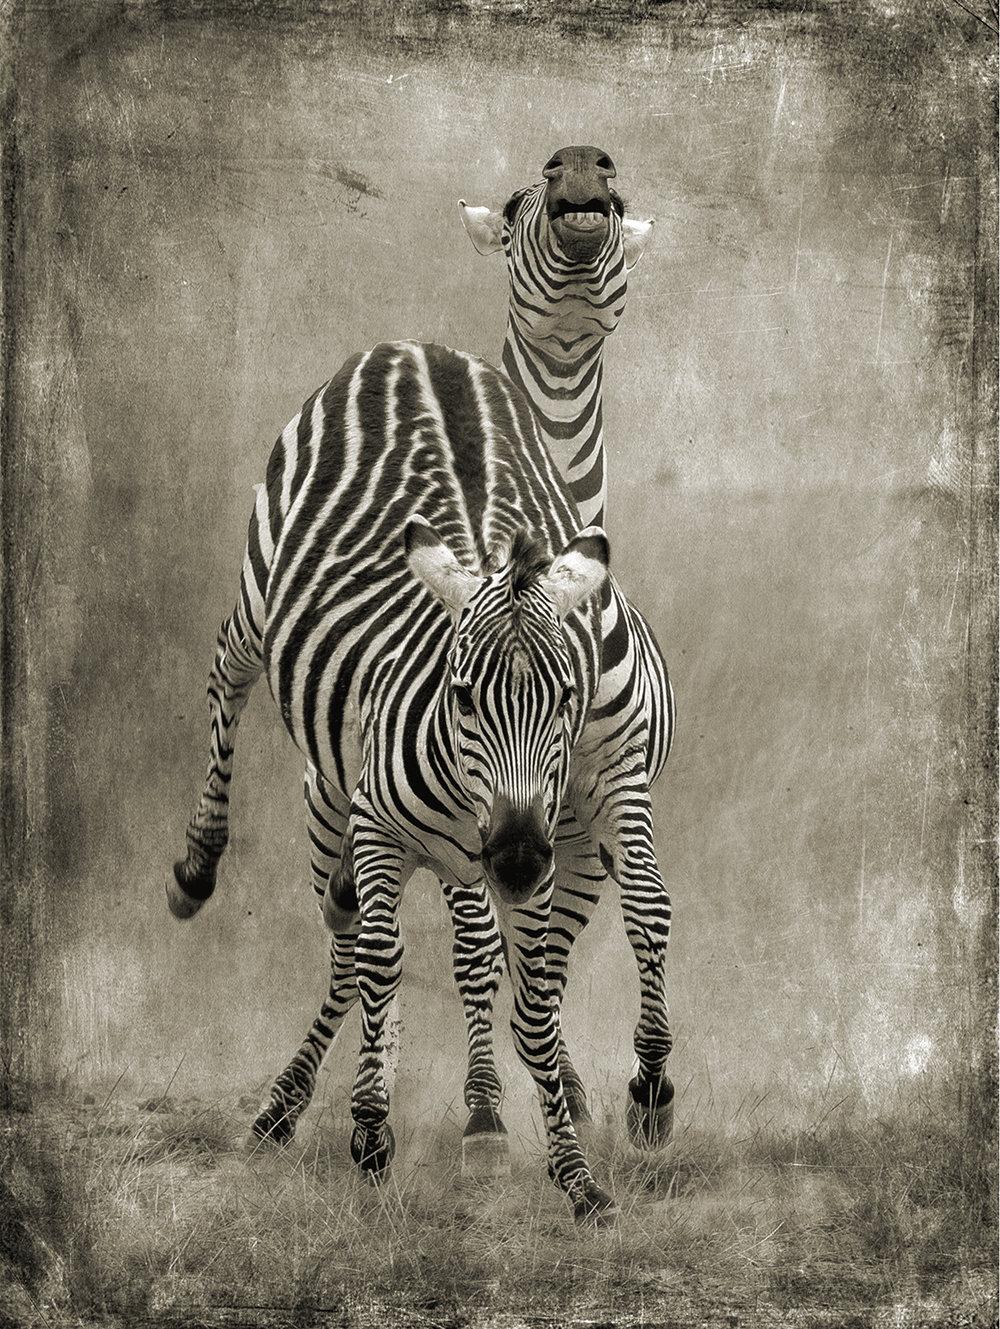 PEC_Zebra Kicking_5364.jpg